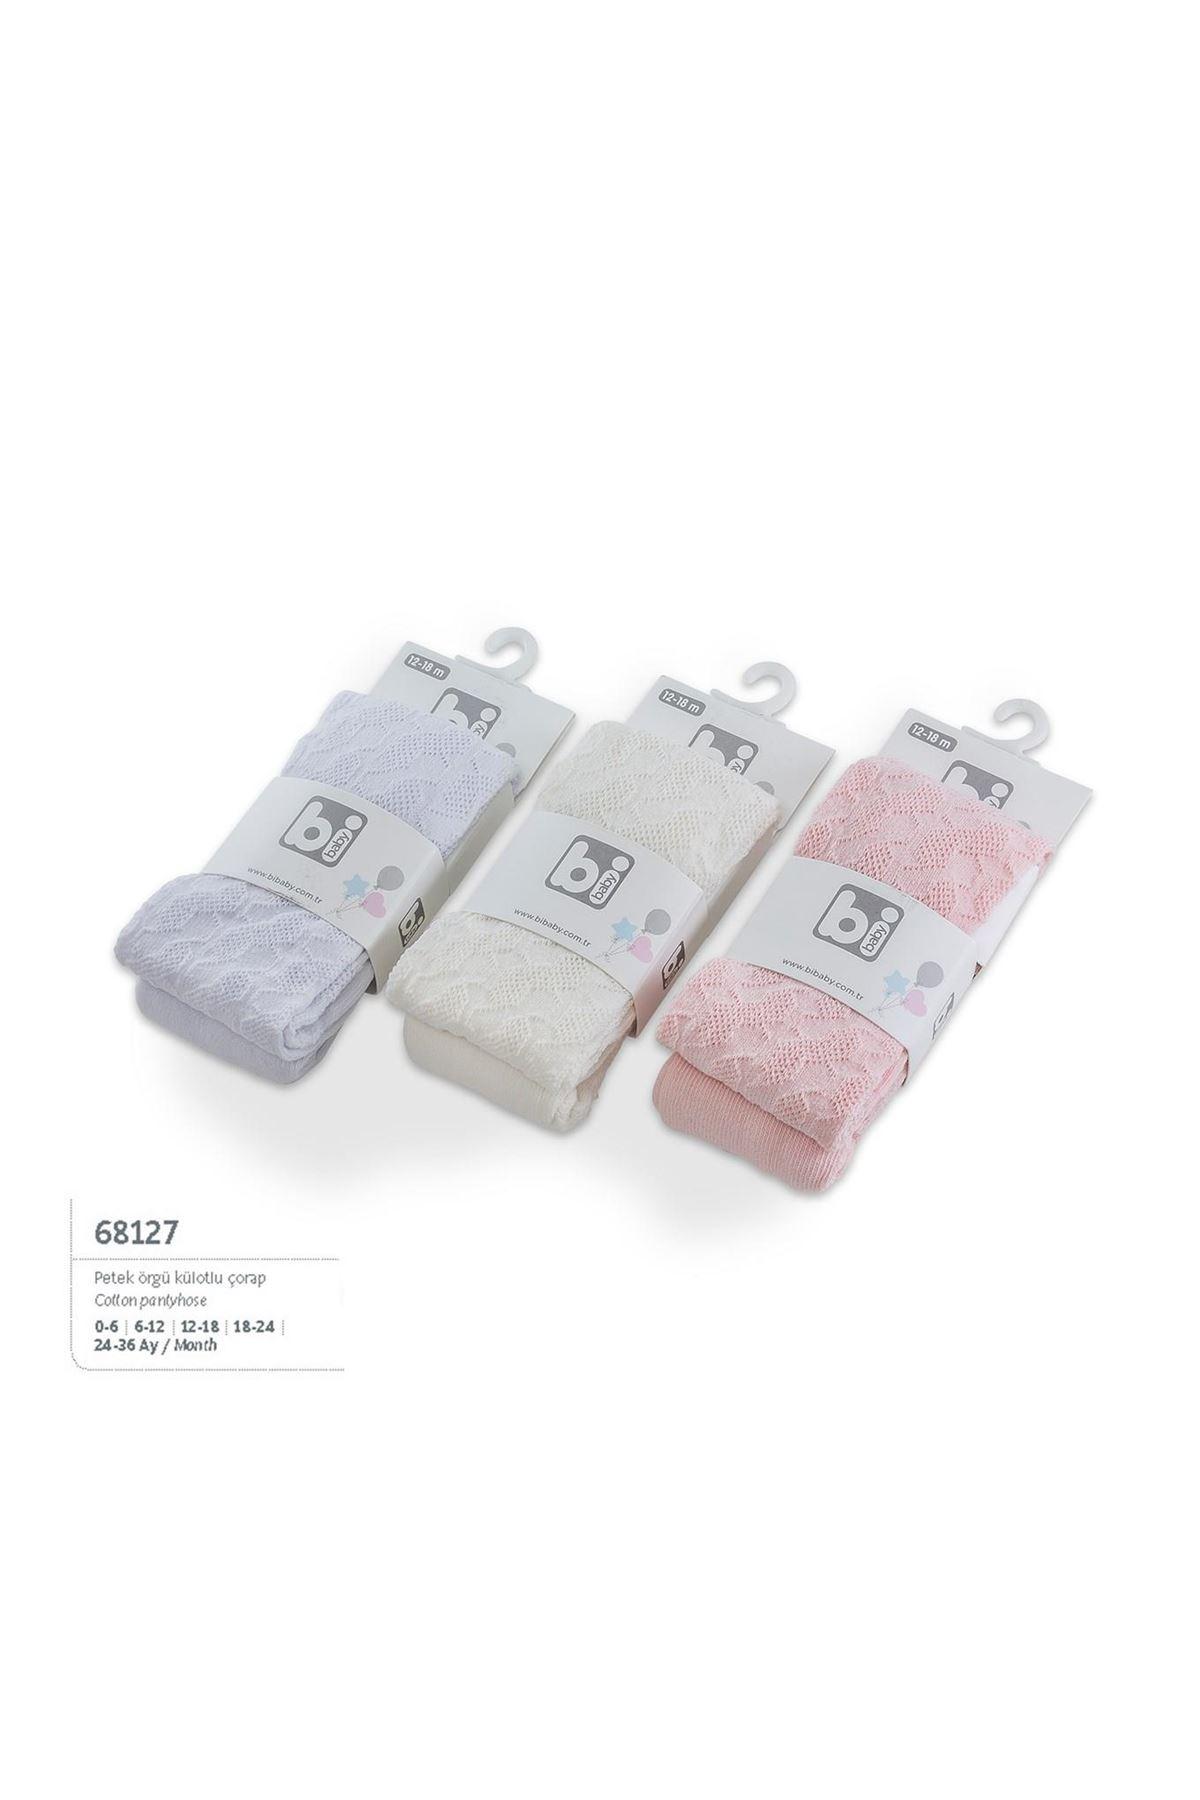 Bibaby Petek Örgü Külotlu Çorap 68127 Karışık Renkli